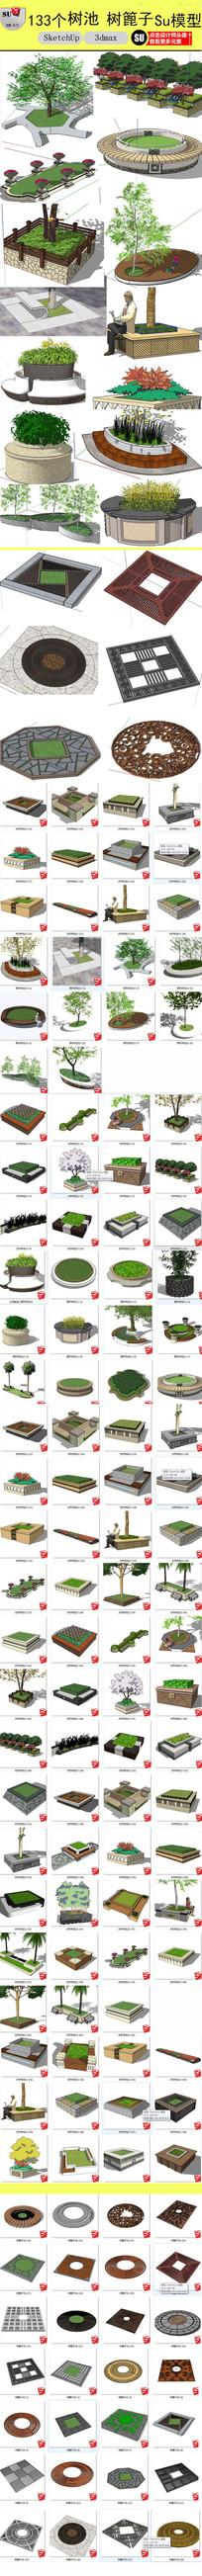 景观树池树篦子SU模型 skp